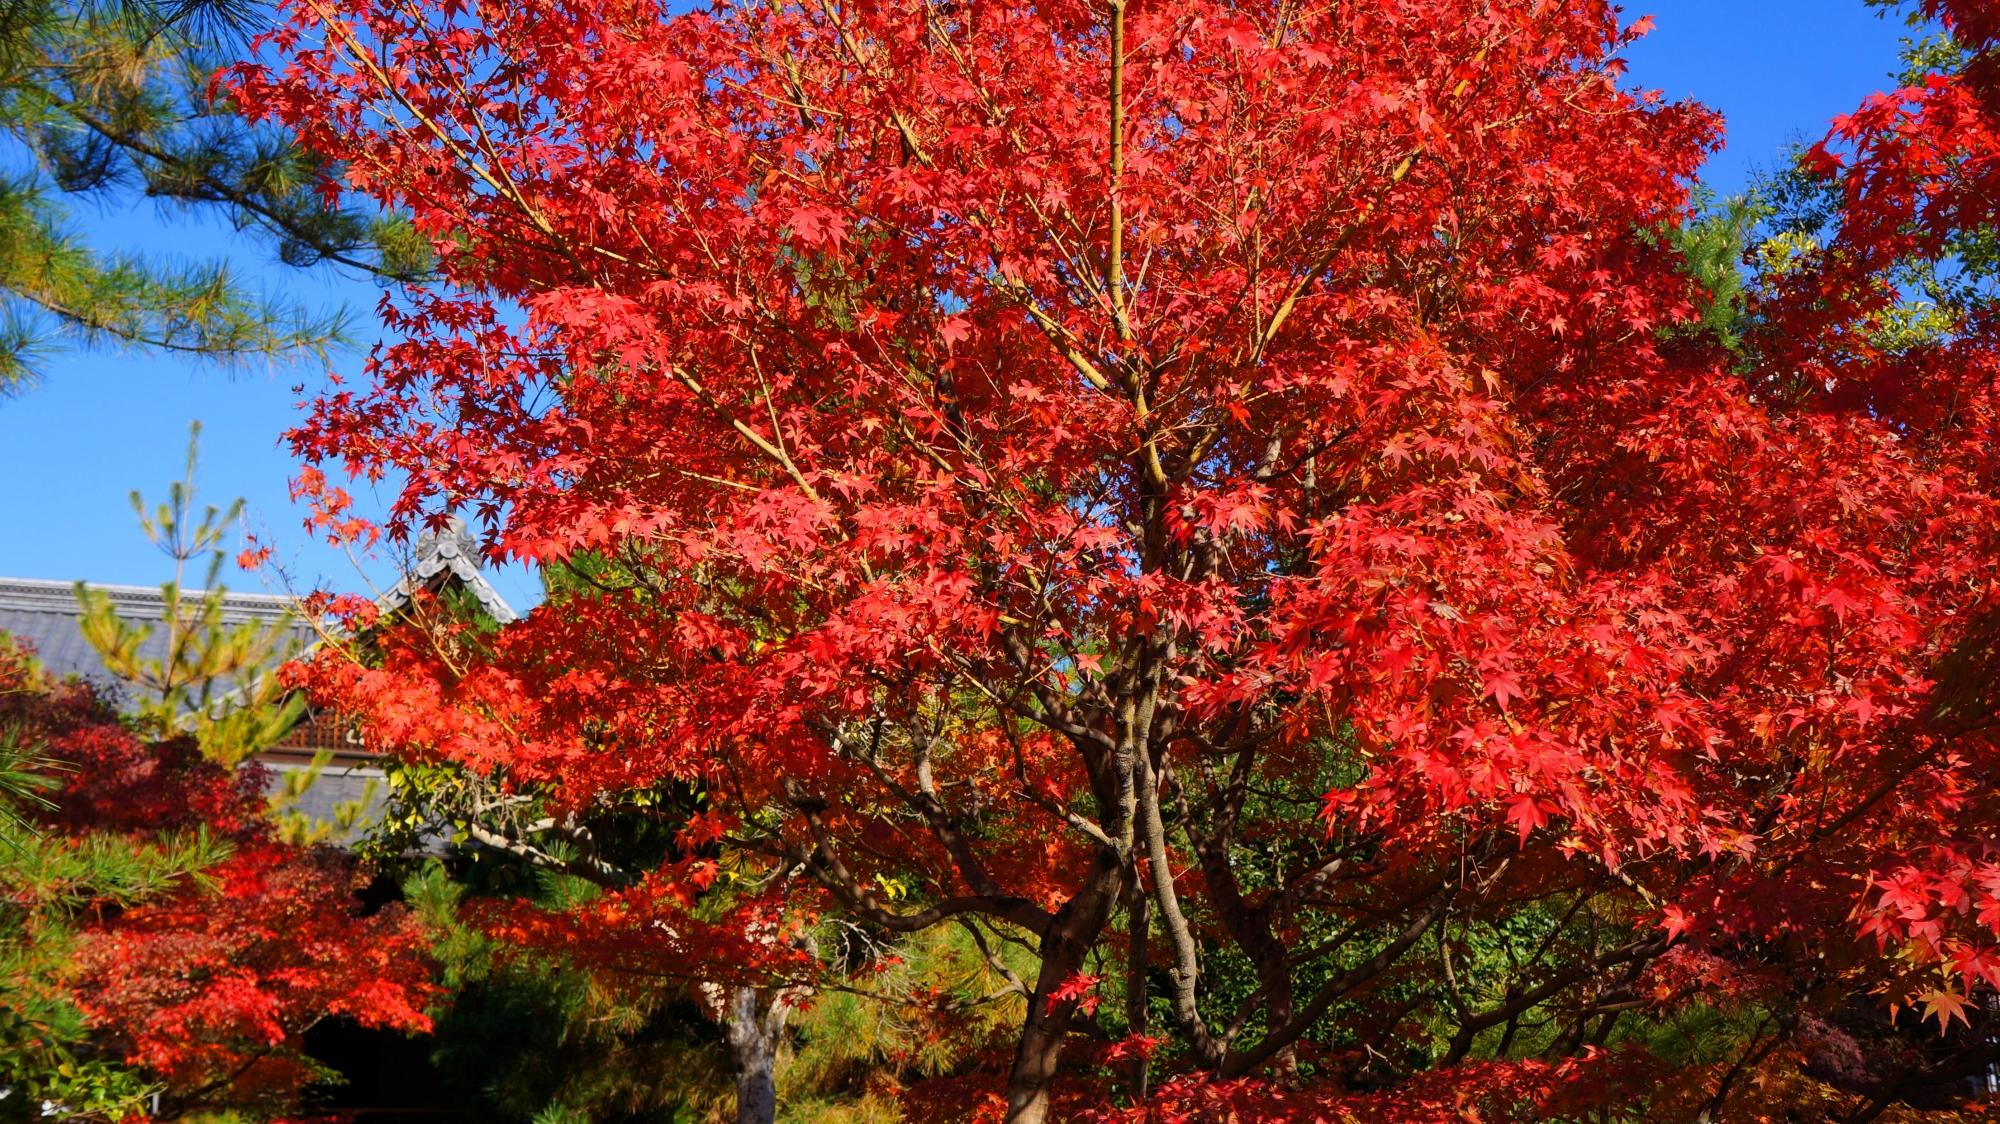 良く色づいた真っ赤な紅葉